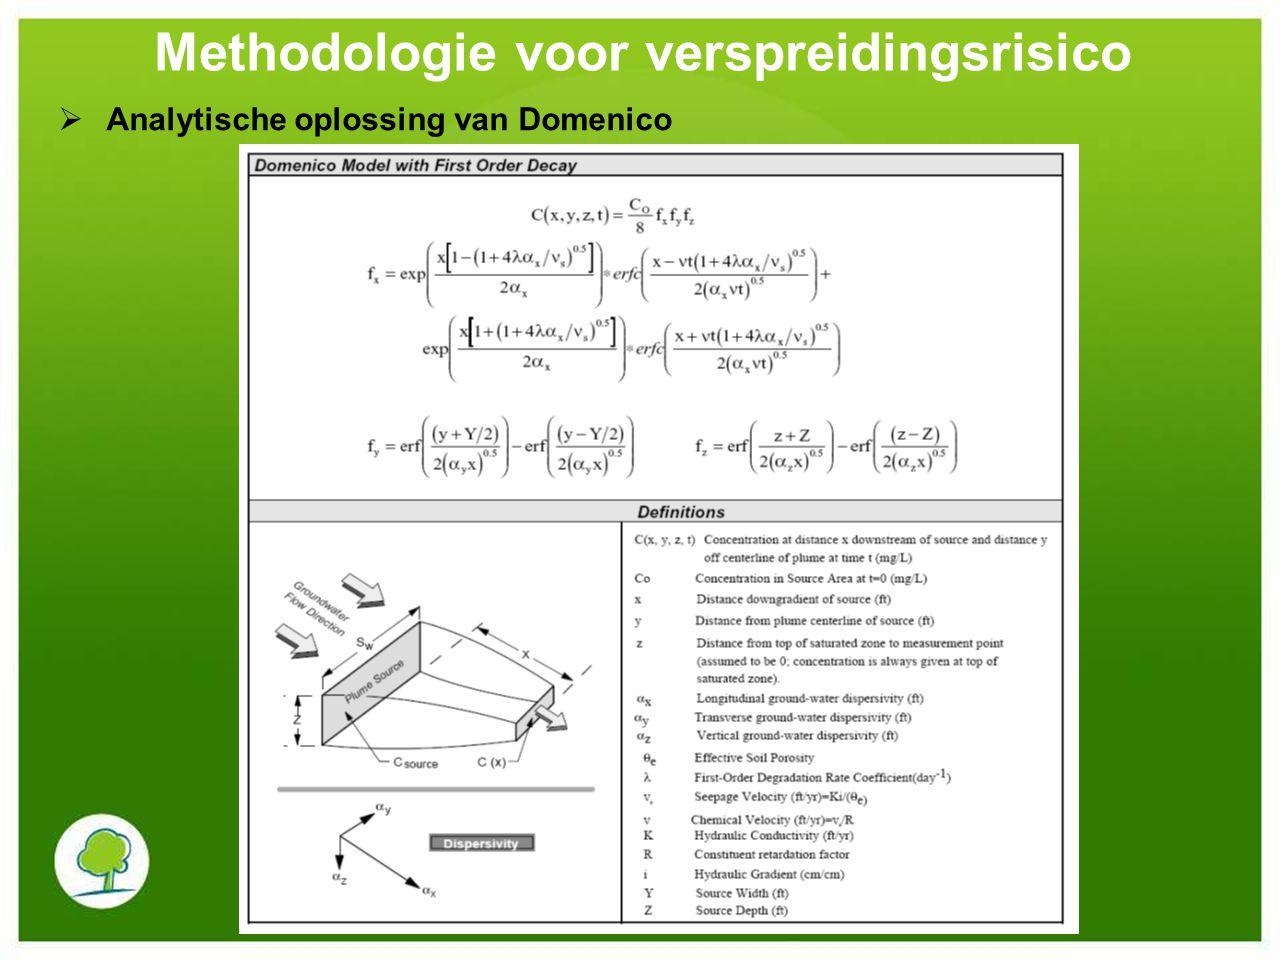  Analytische oplossing van Domenico Methodologie voor verspreidingsrisico